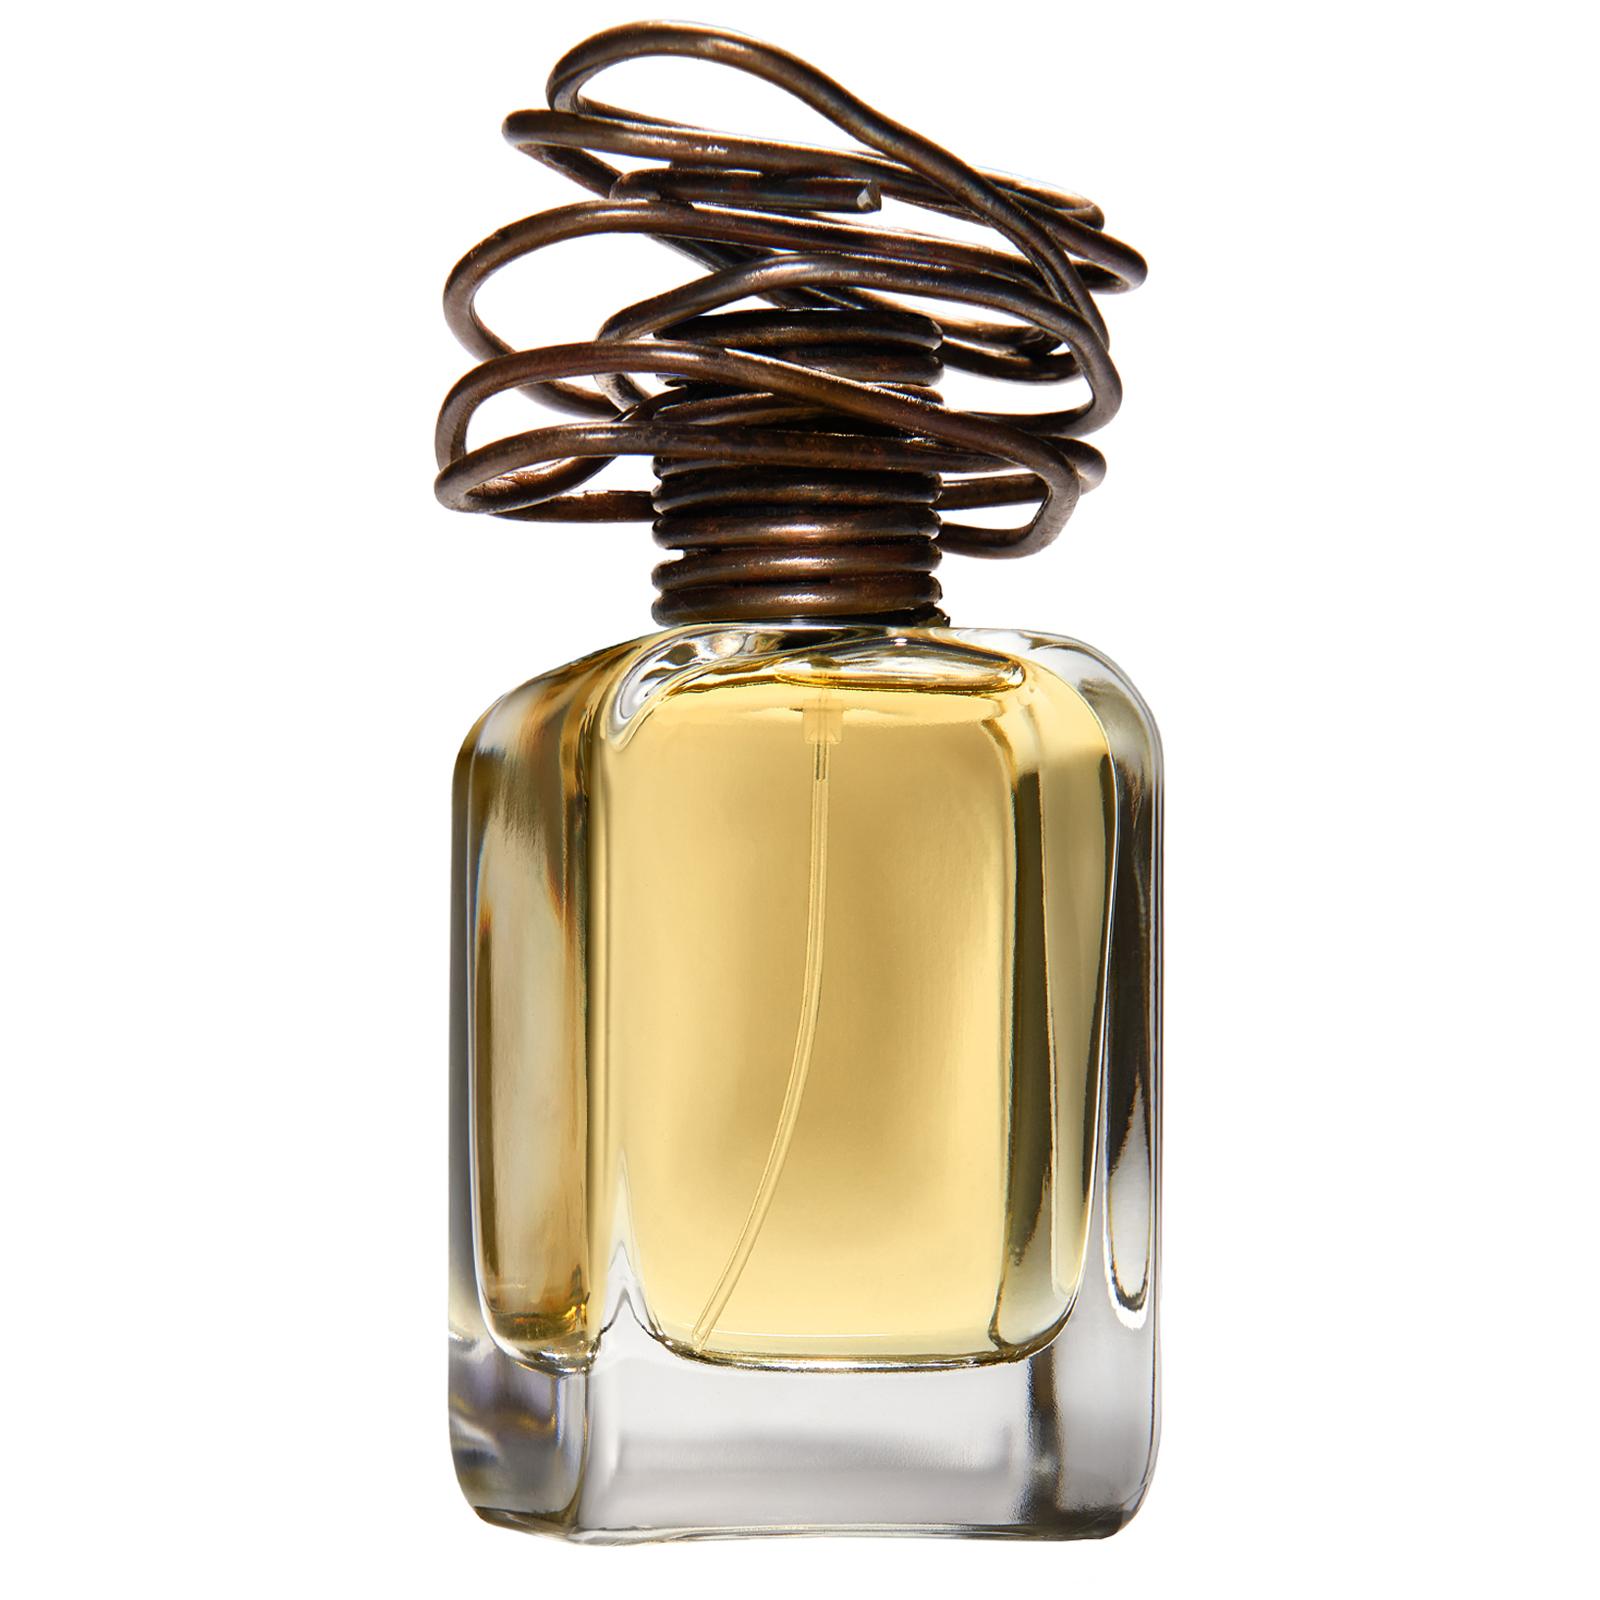 Archetipo extrait de parfum 25% 100 ml